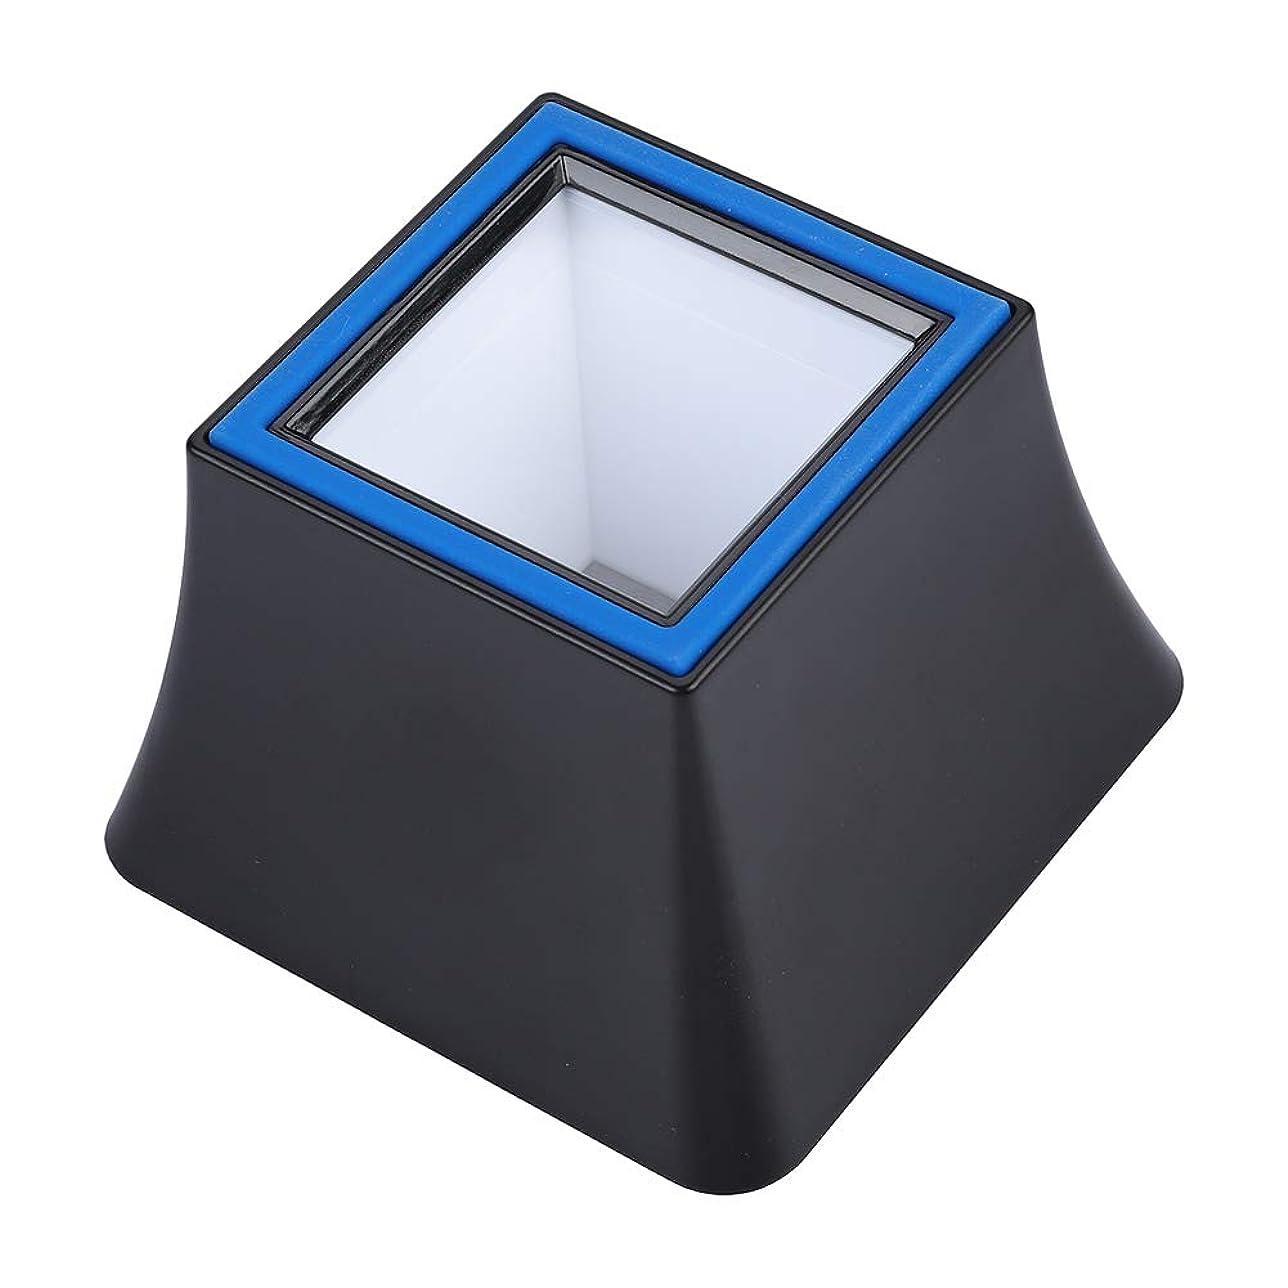 居心地の良いペスト欠かせないデスクトップスキャナ Bewinner バーコードスキャナー 高感度 高速読み取り 自動検知 1D/2Dバーコードリーダー モバイル決済に最適 スキャナリングガン